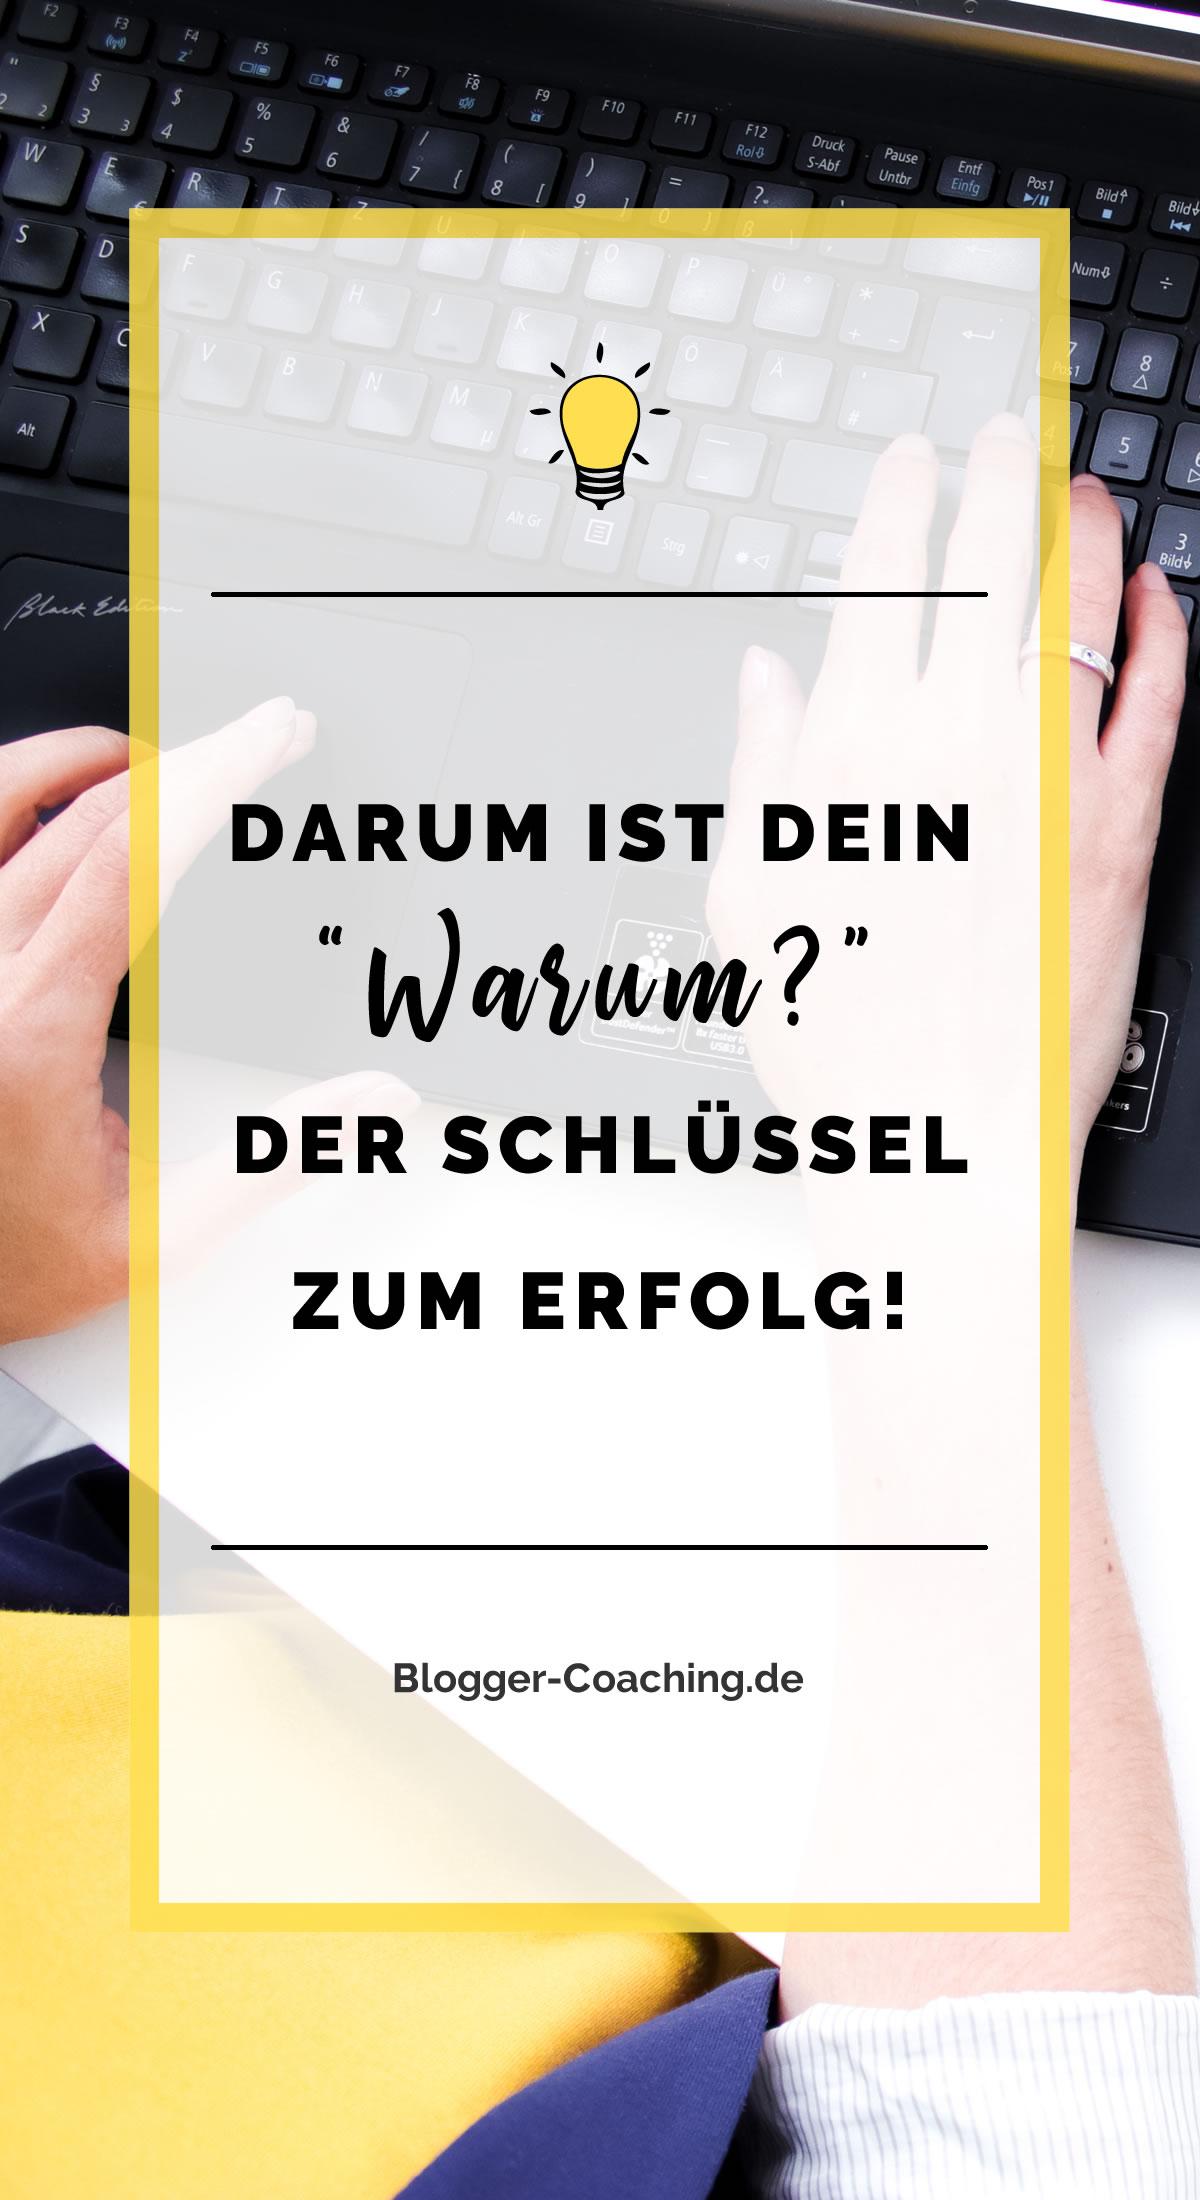 Warum? - Die wichtigste Frage für deinen Blog-Erfolg | Blogger-Coaching.de - Dein Weg zum Blog-Erfolg #blogger #erfolg